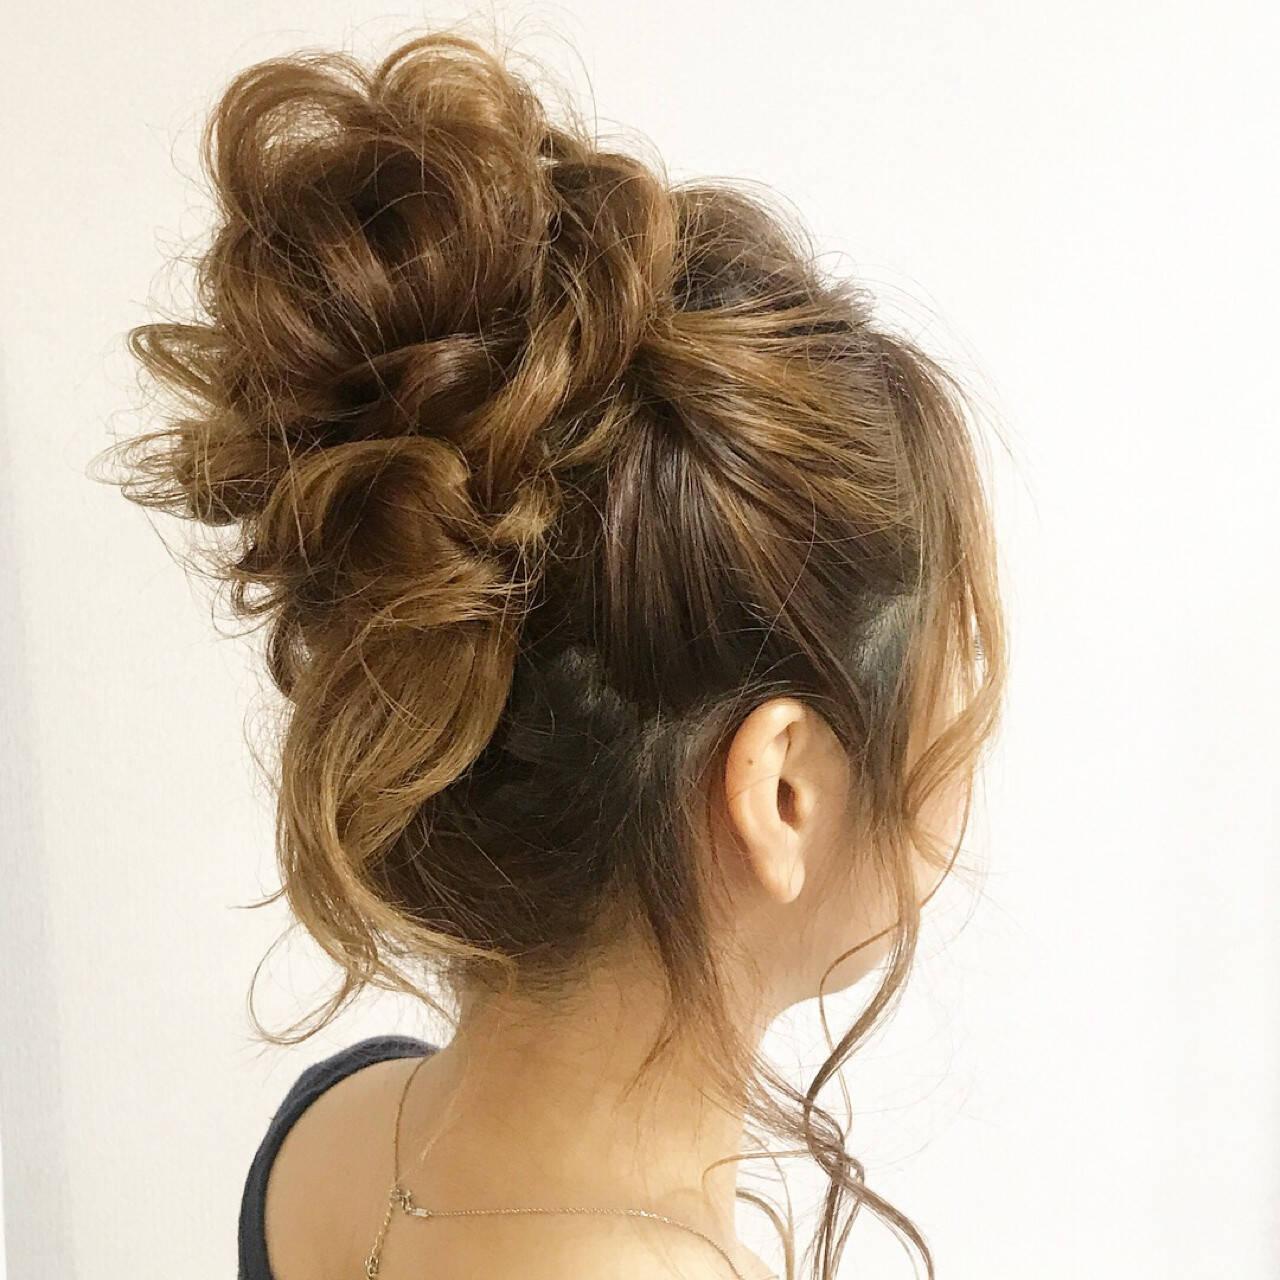 セミロング 夏 ヘアアレンジ 涼しげヘアスタイルや髪型の写真・画像